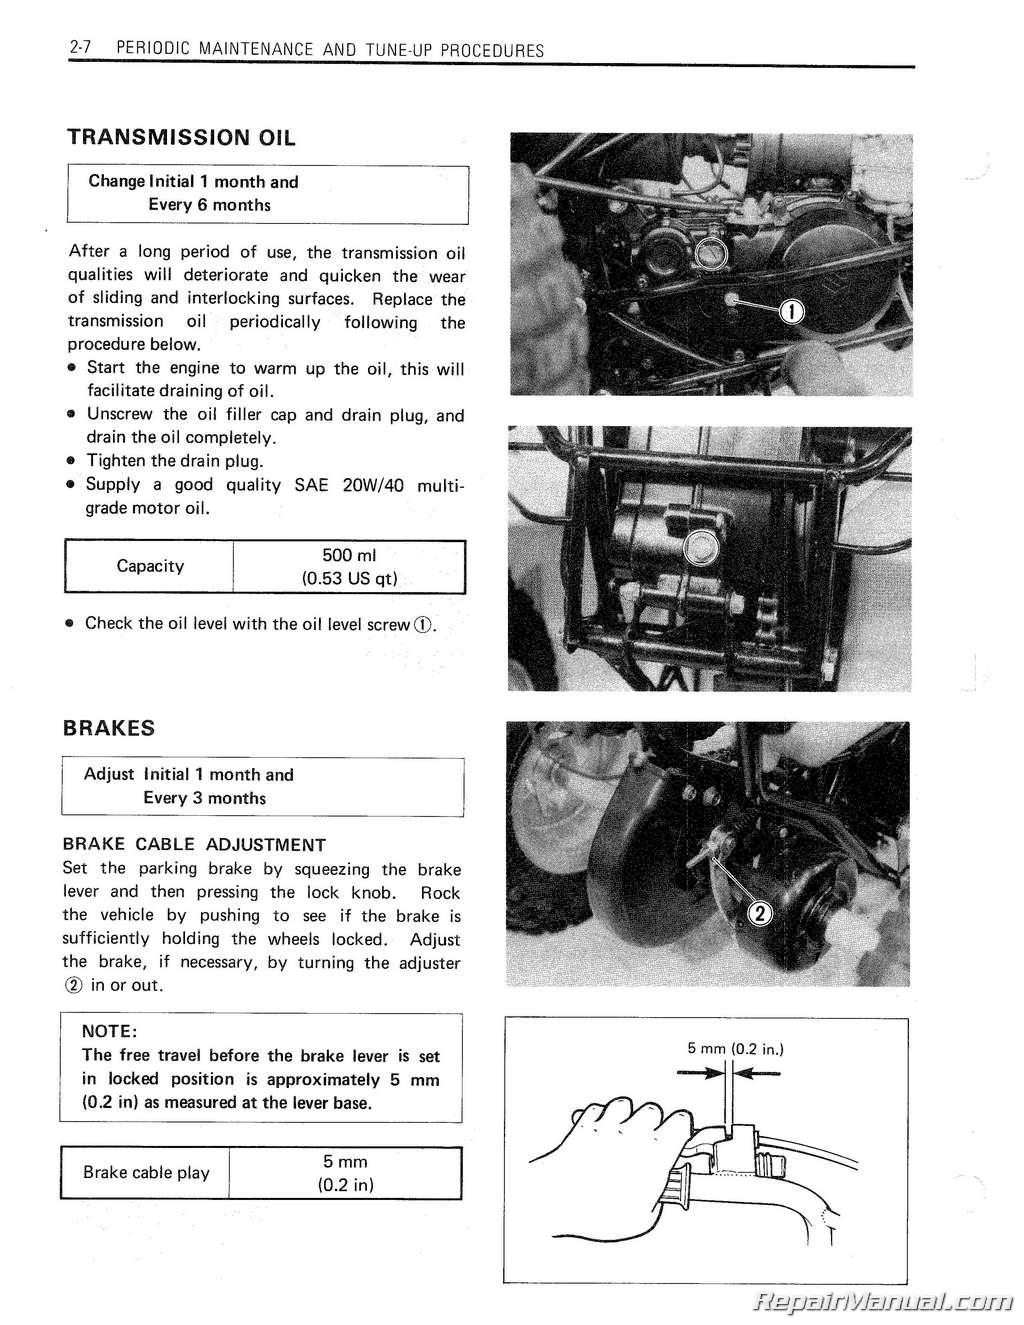 100 service manual for 83 honda 200 3 wheeler. Black Bedroom Furniture Sets. Home Design Ideas